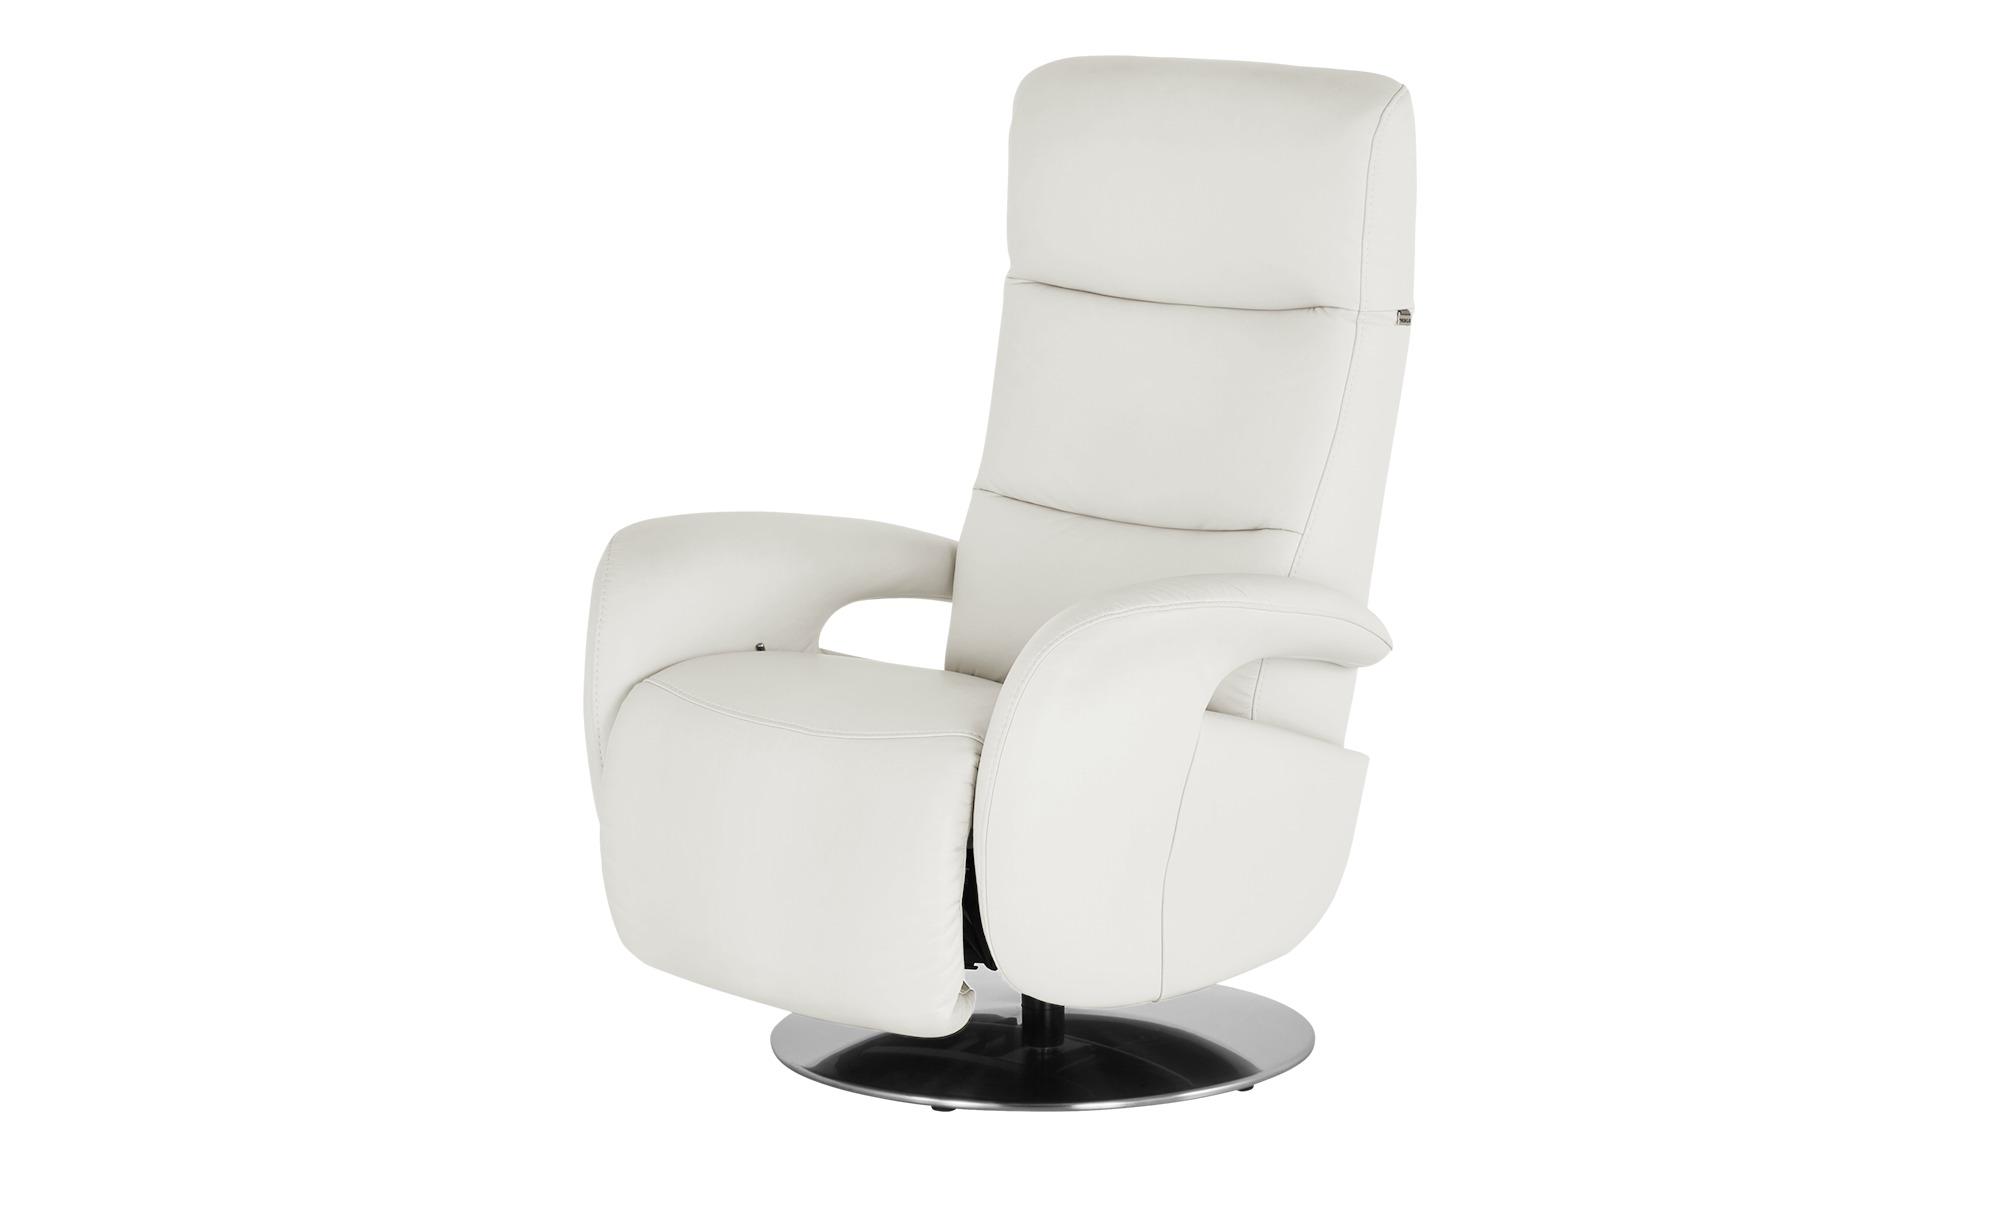 Hukla Relaxsessel  Andy ¦ weiß ¦ Maße (cm): B: 79 H: 110 T: 85 Polstermöbel > Sessel > Fernsehsessel - Höffner